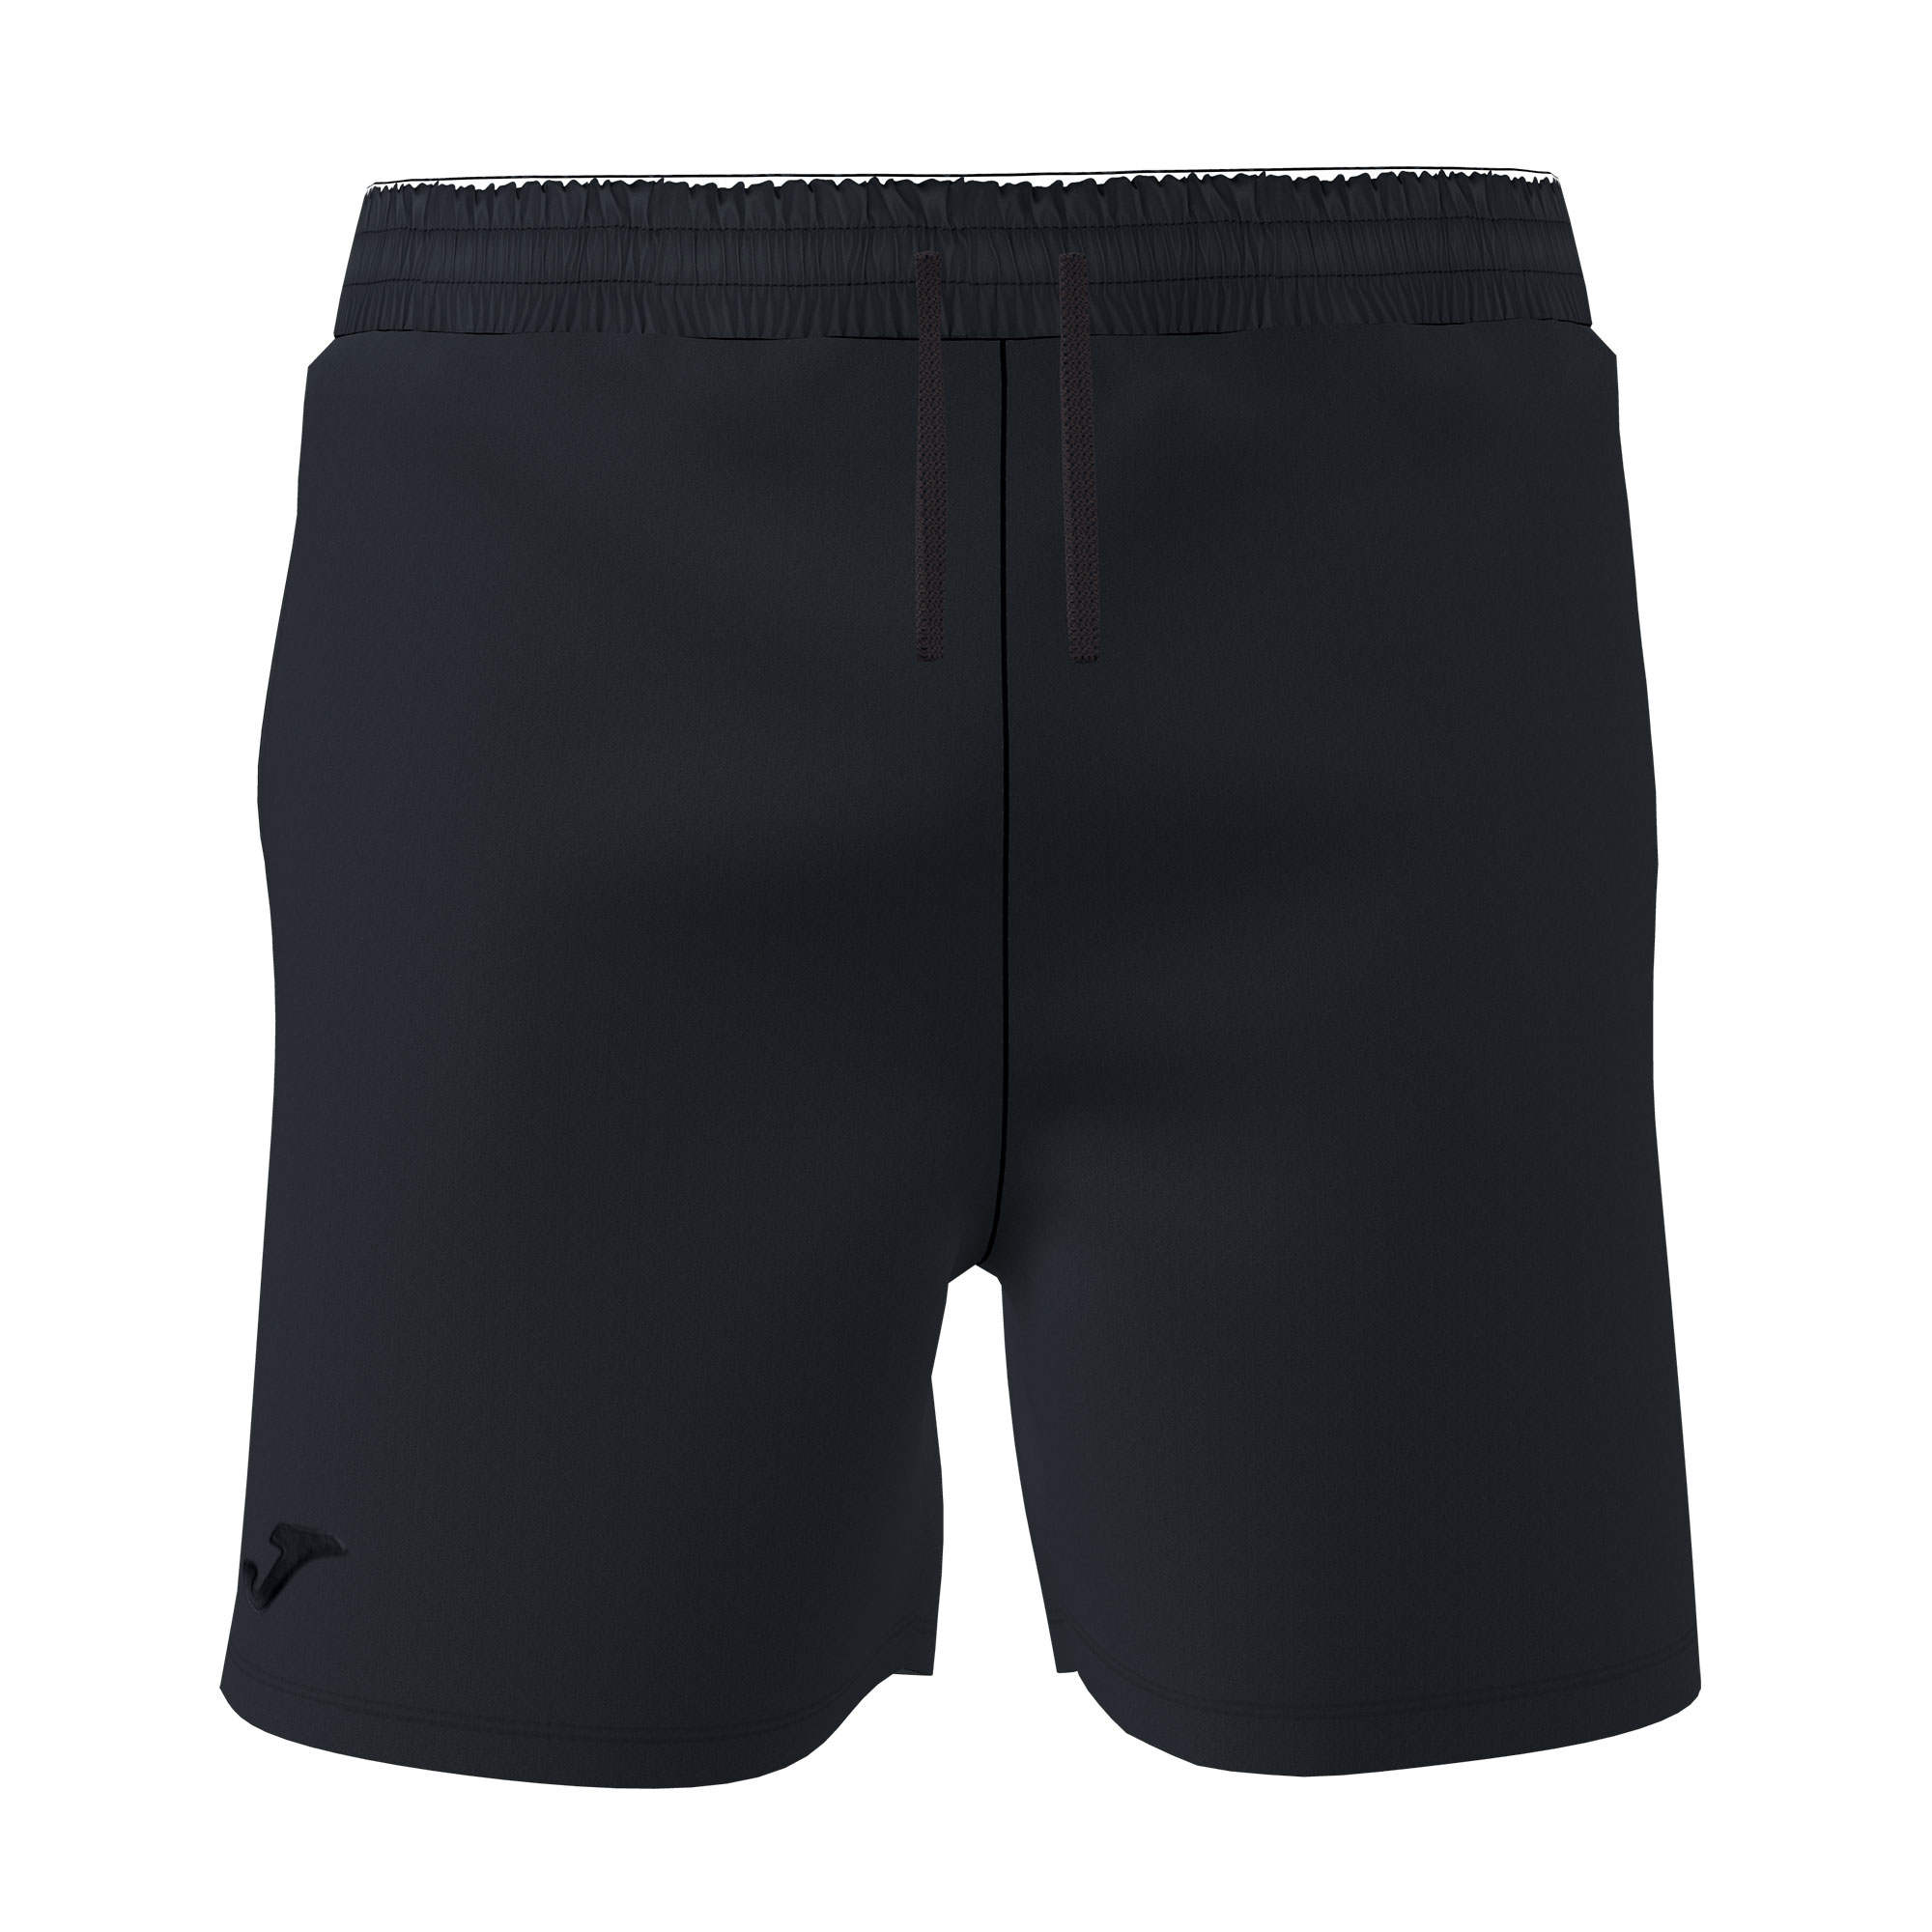 miniatuur 5 -  Joma Antilles Costume da Bagno Pantaloncini Nero mare piscina spiaggia nuoto